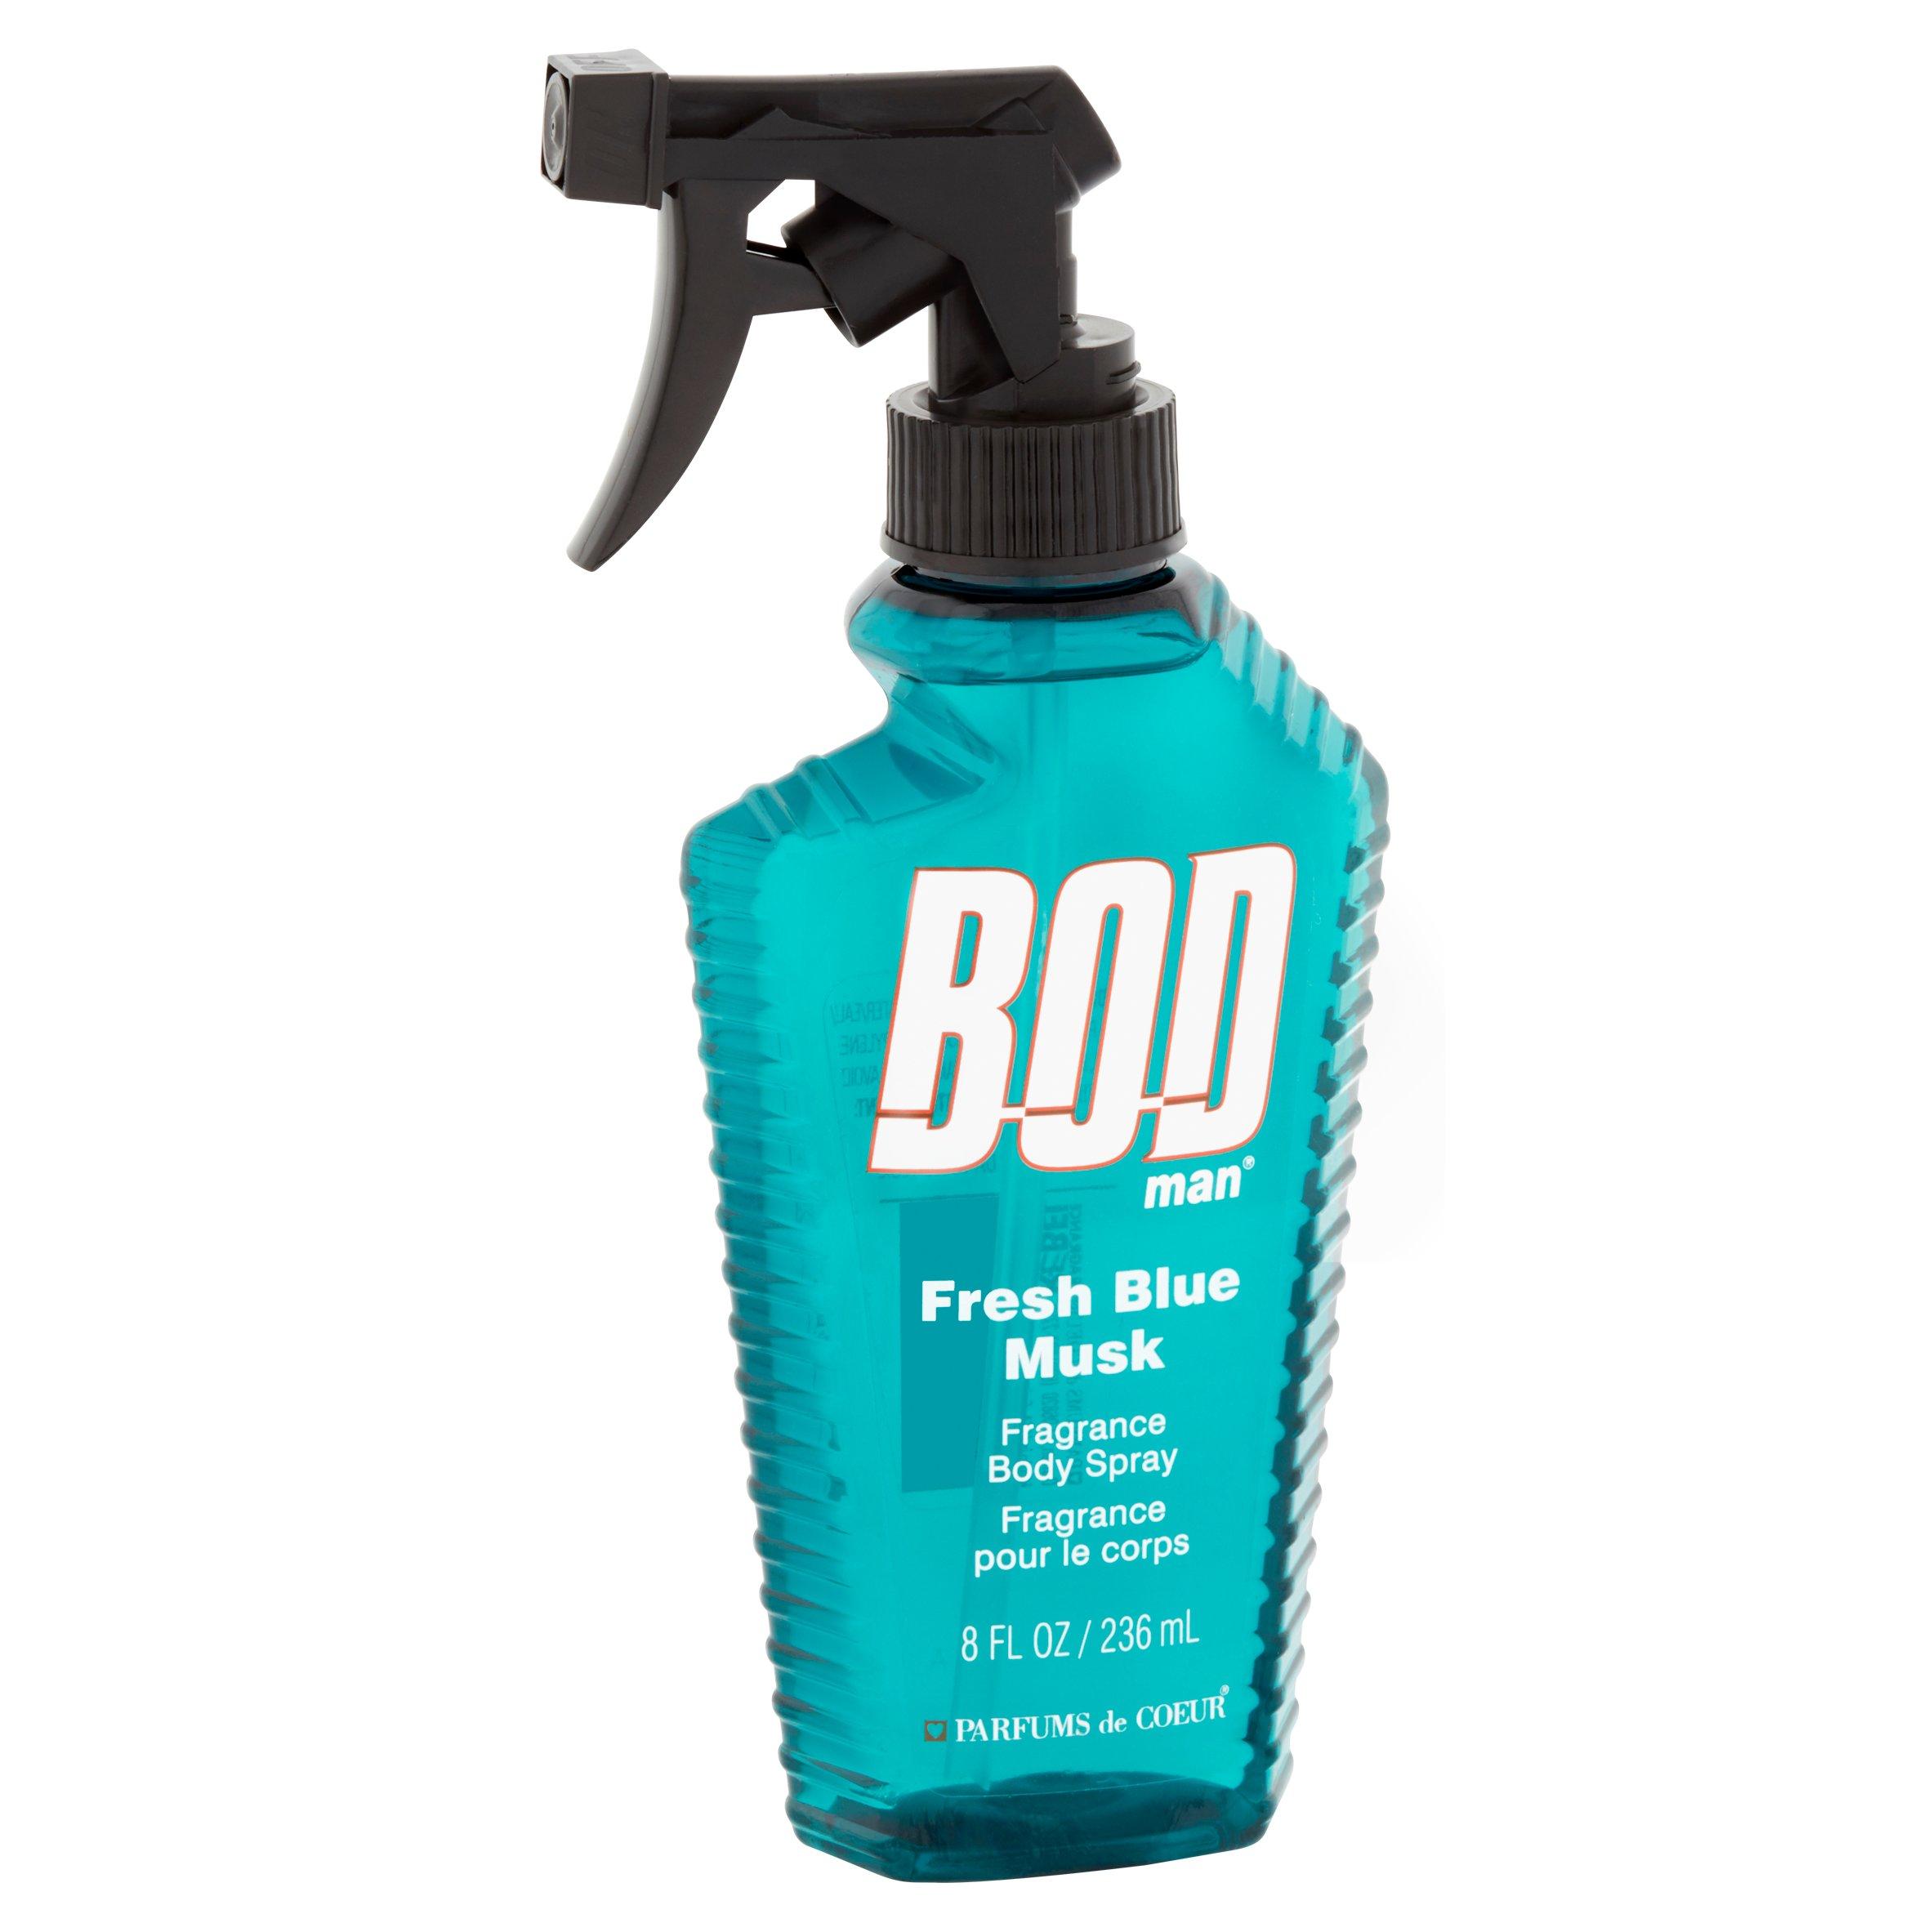 Bod Man Fresh Blue Musk Fragrance Body Spray 8 oz